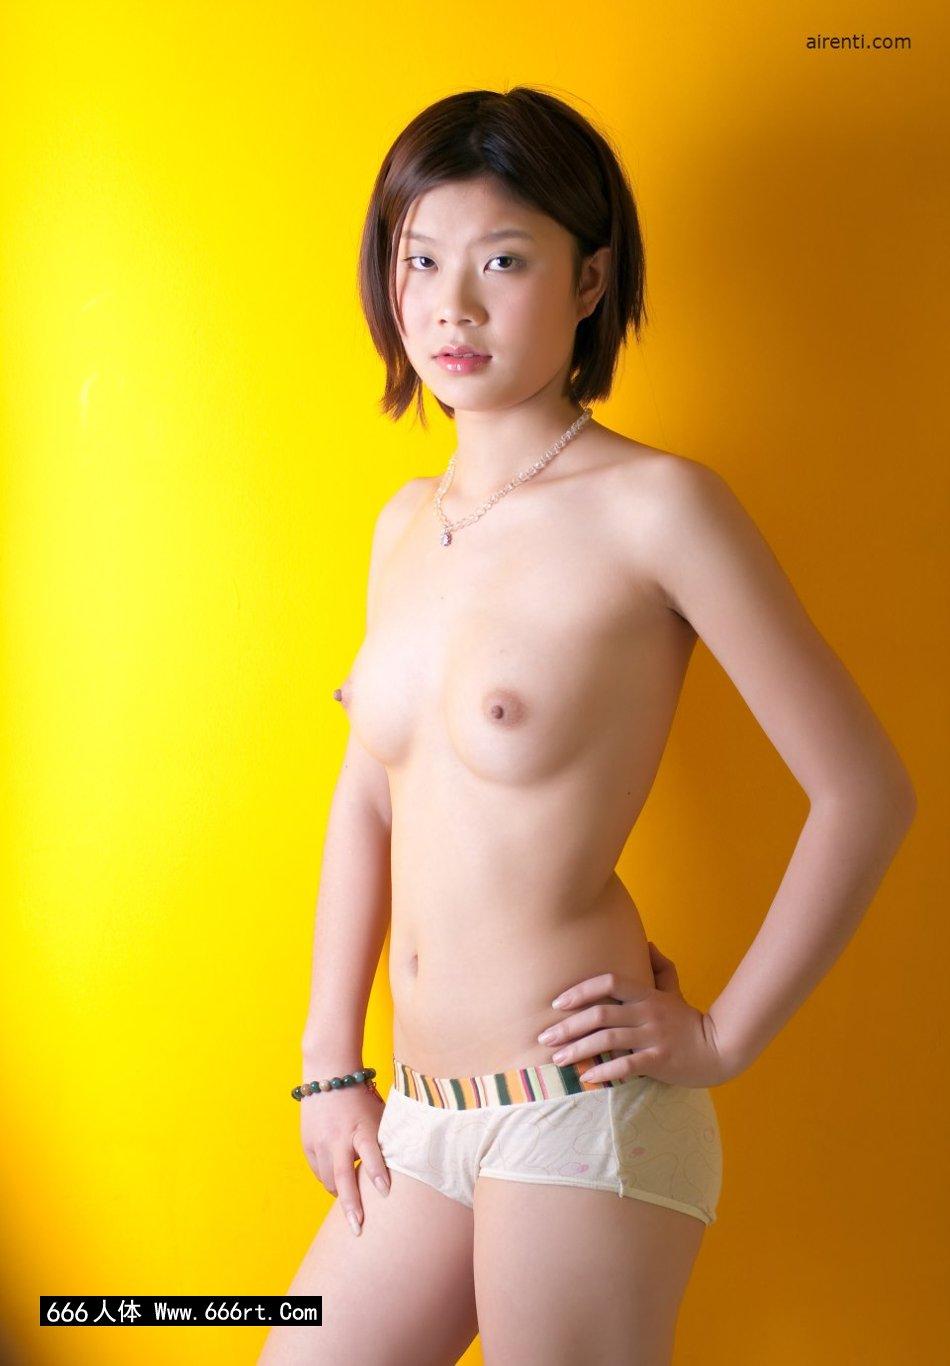 黄色背景棚拍穿着泳装的宋蕊